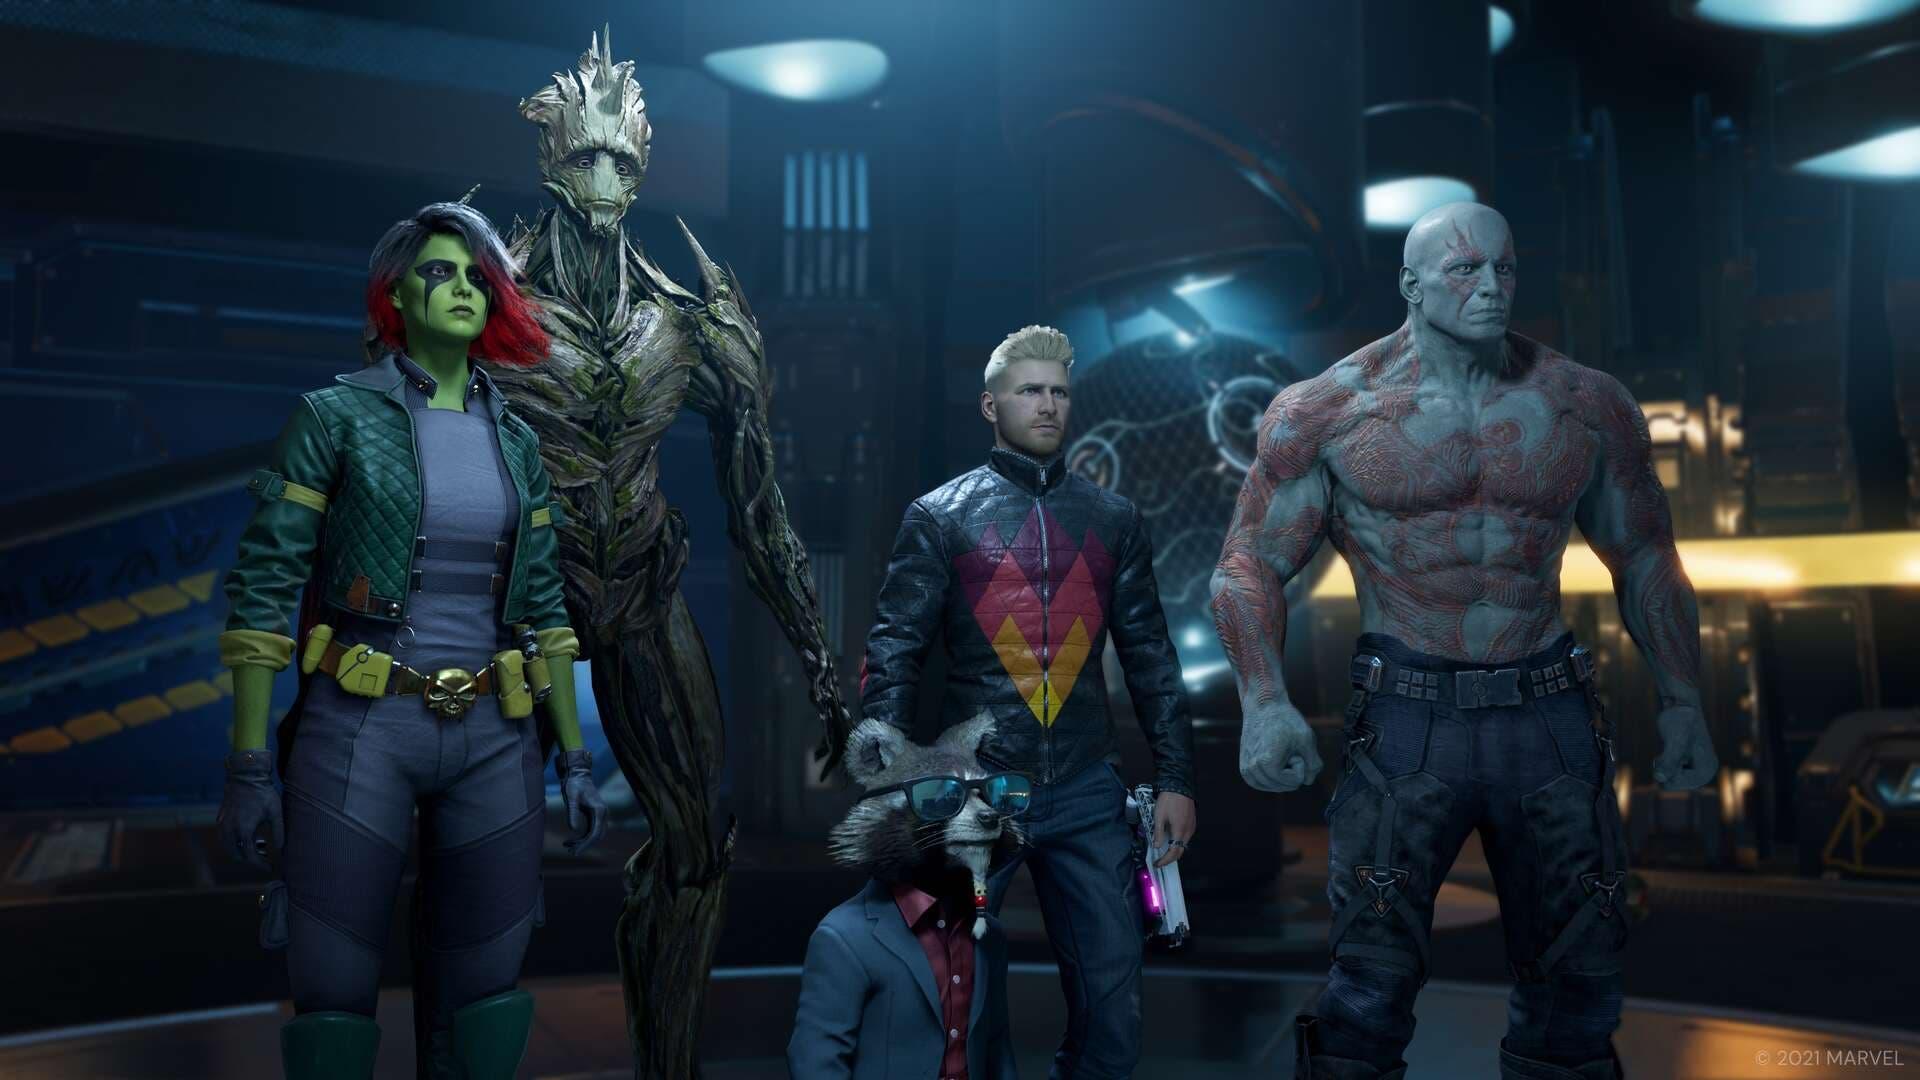 Marvel's Guardians of the Galaxy muestra su trazado de rayos por primera vez